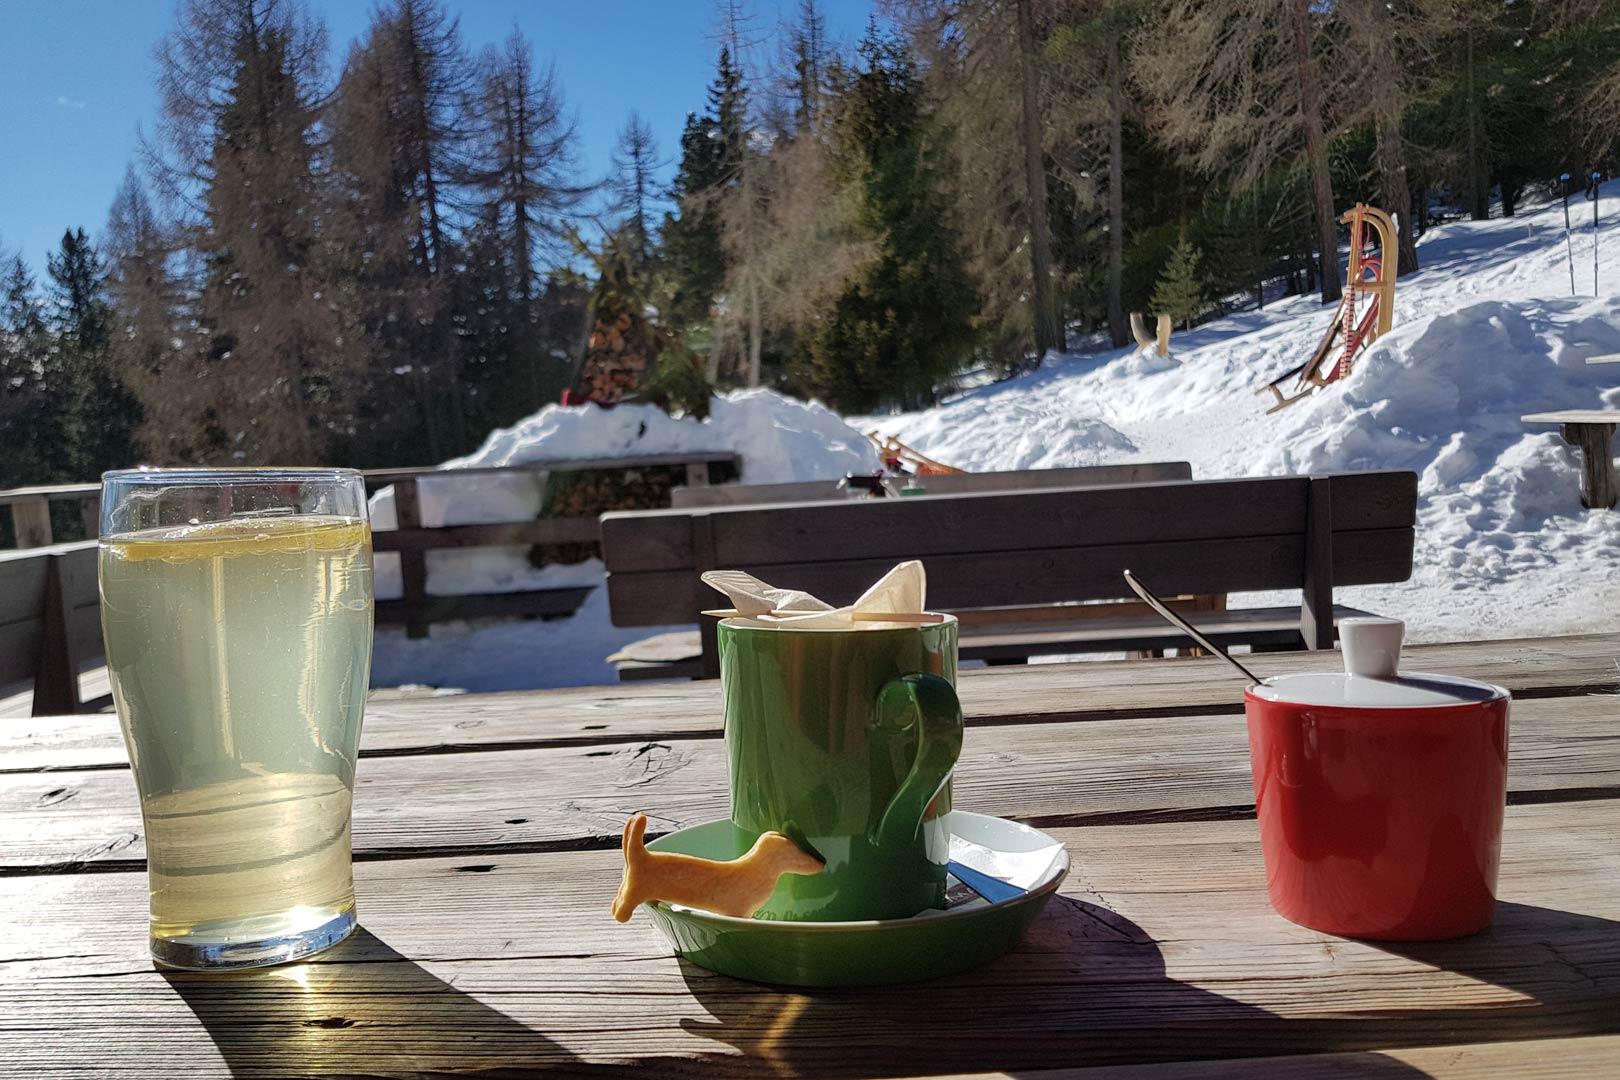 Rodelbahn - Winterwanderweg Welschellener Alm